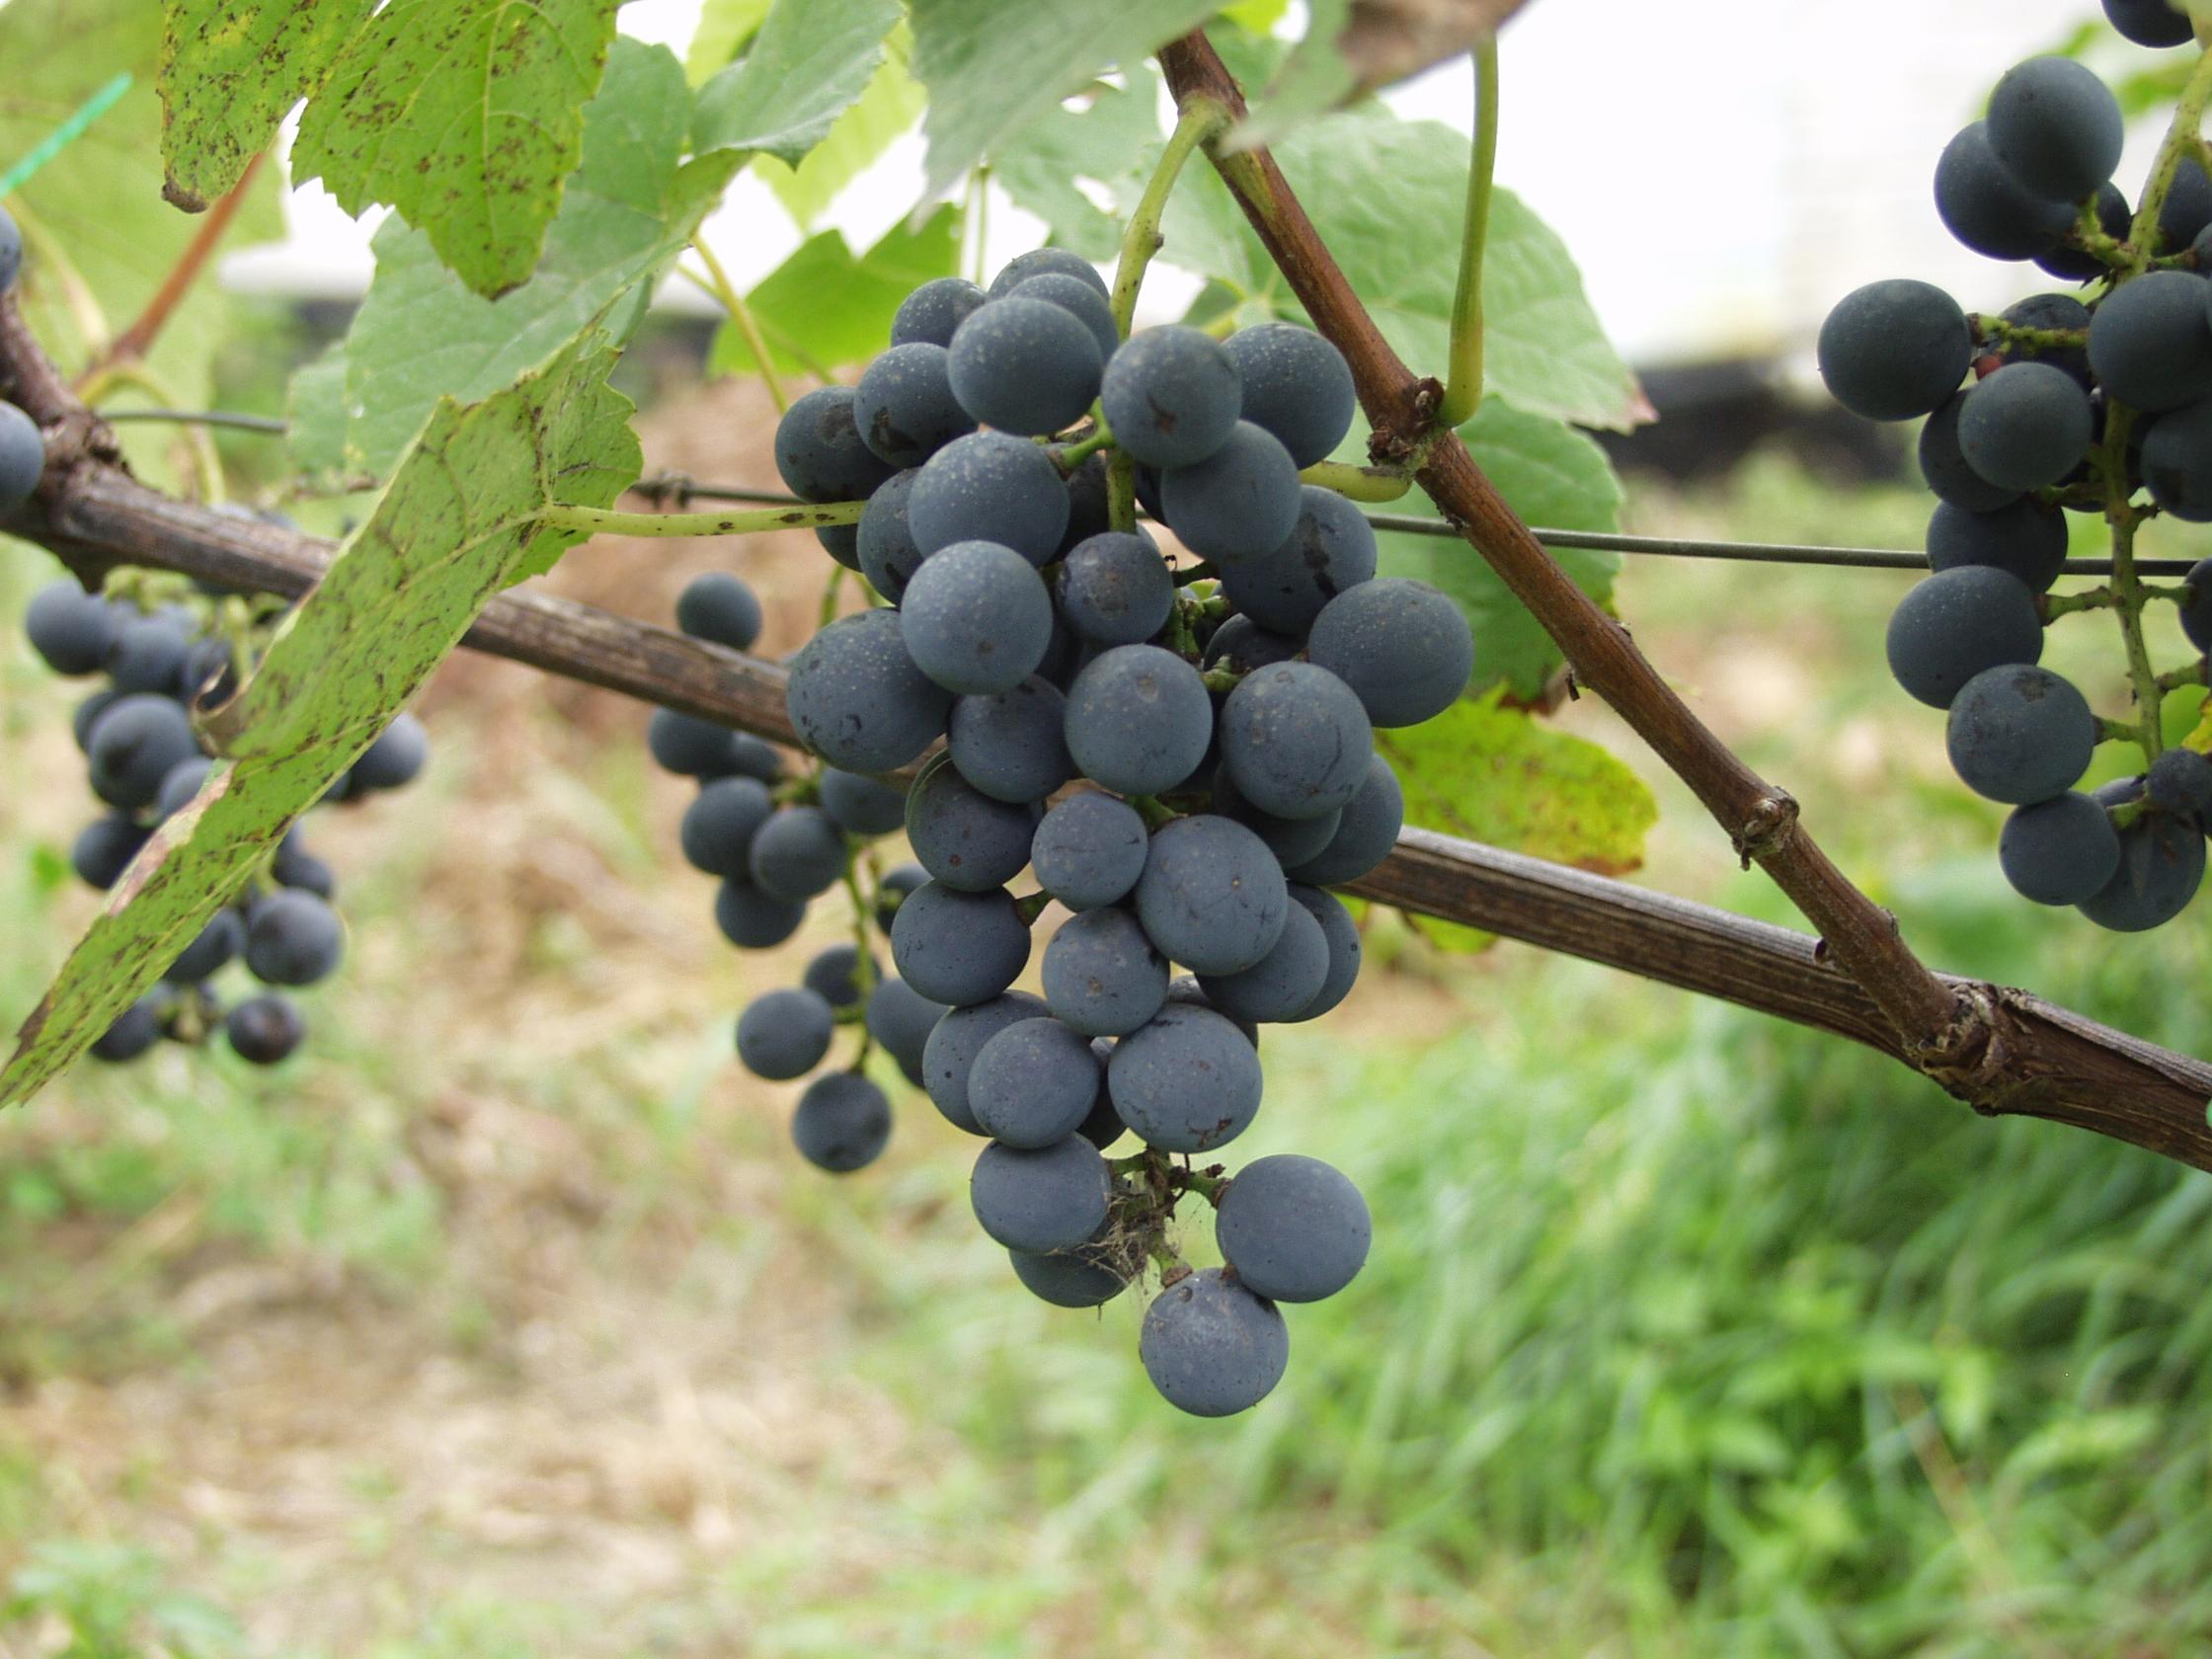 Купить лозу винограда в дубае недвижимость дубай за криптовалюту